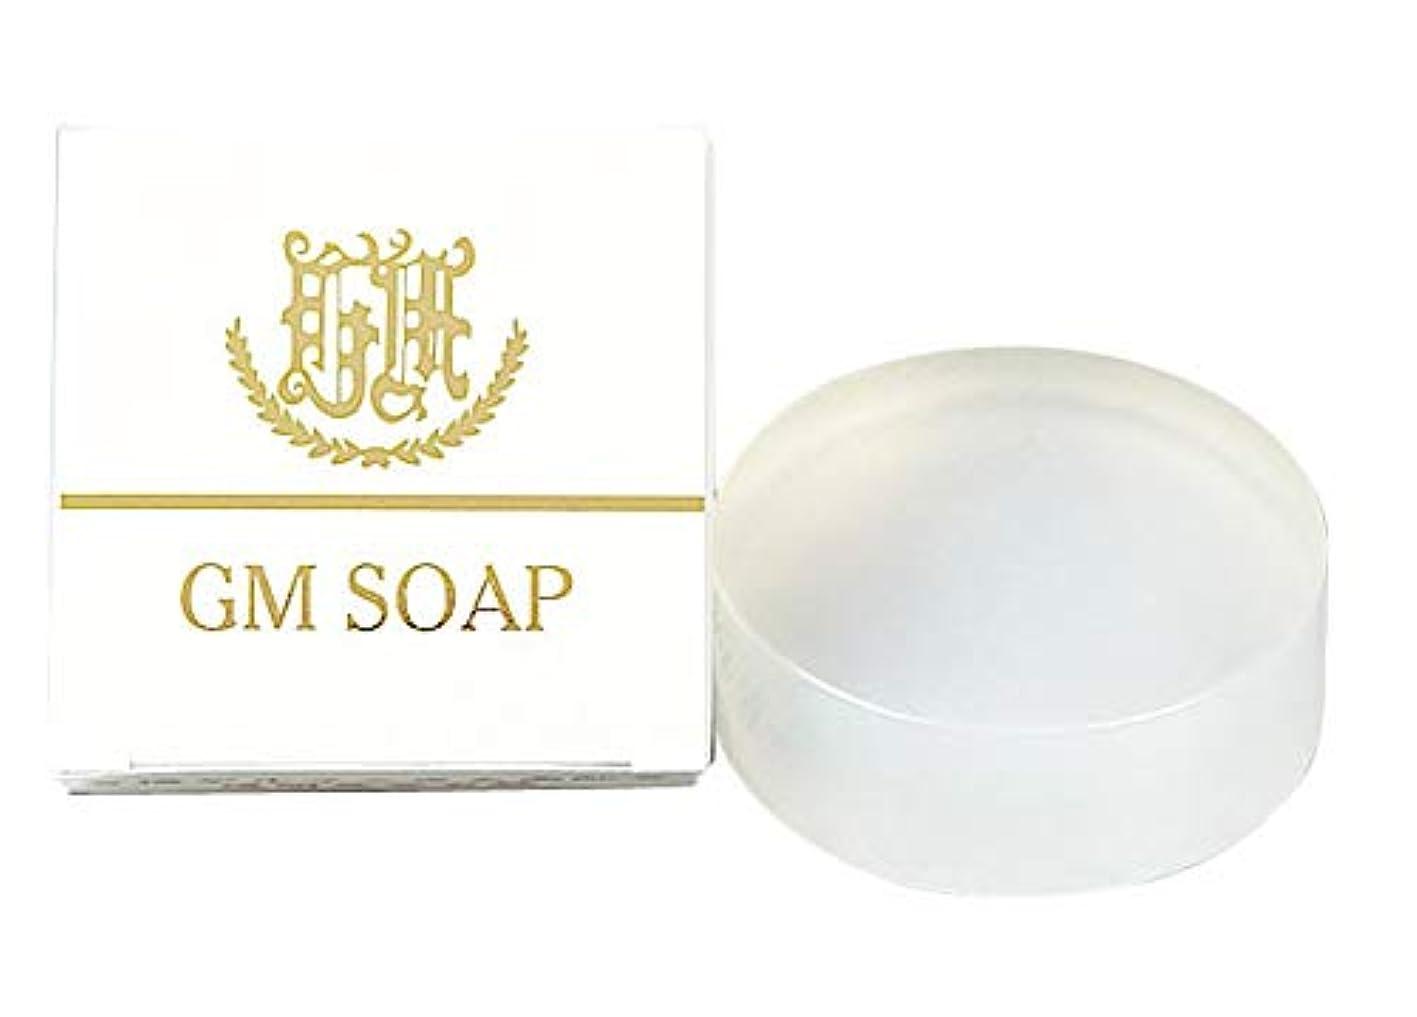 ゴミ箱リハーサル規模【GM SOAP(ジーエムソープ)】 100g